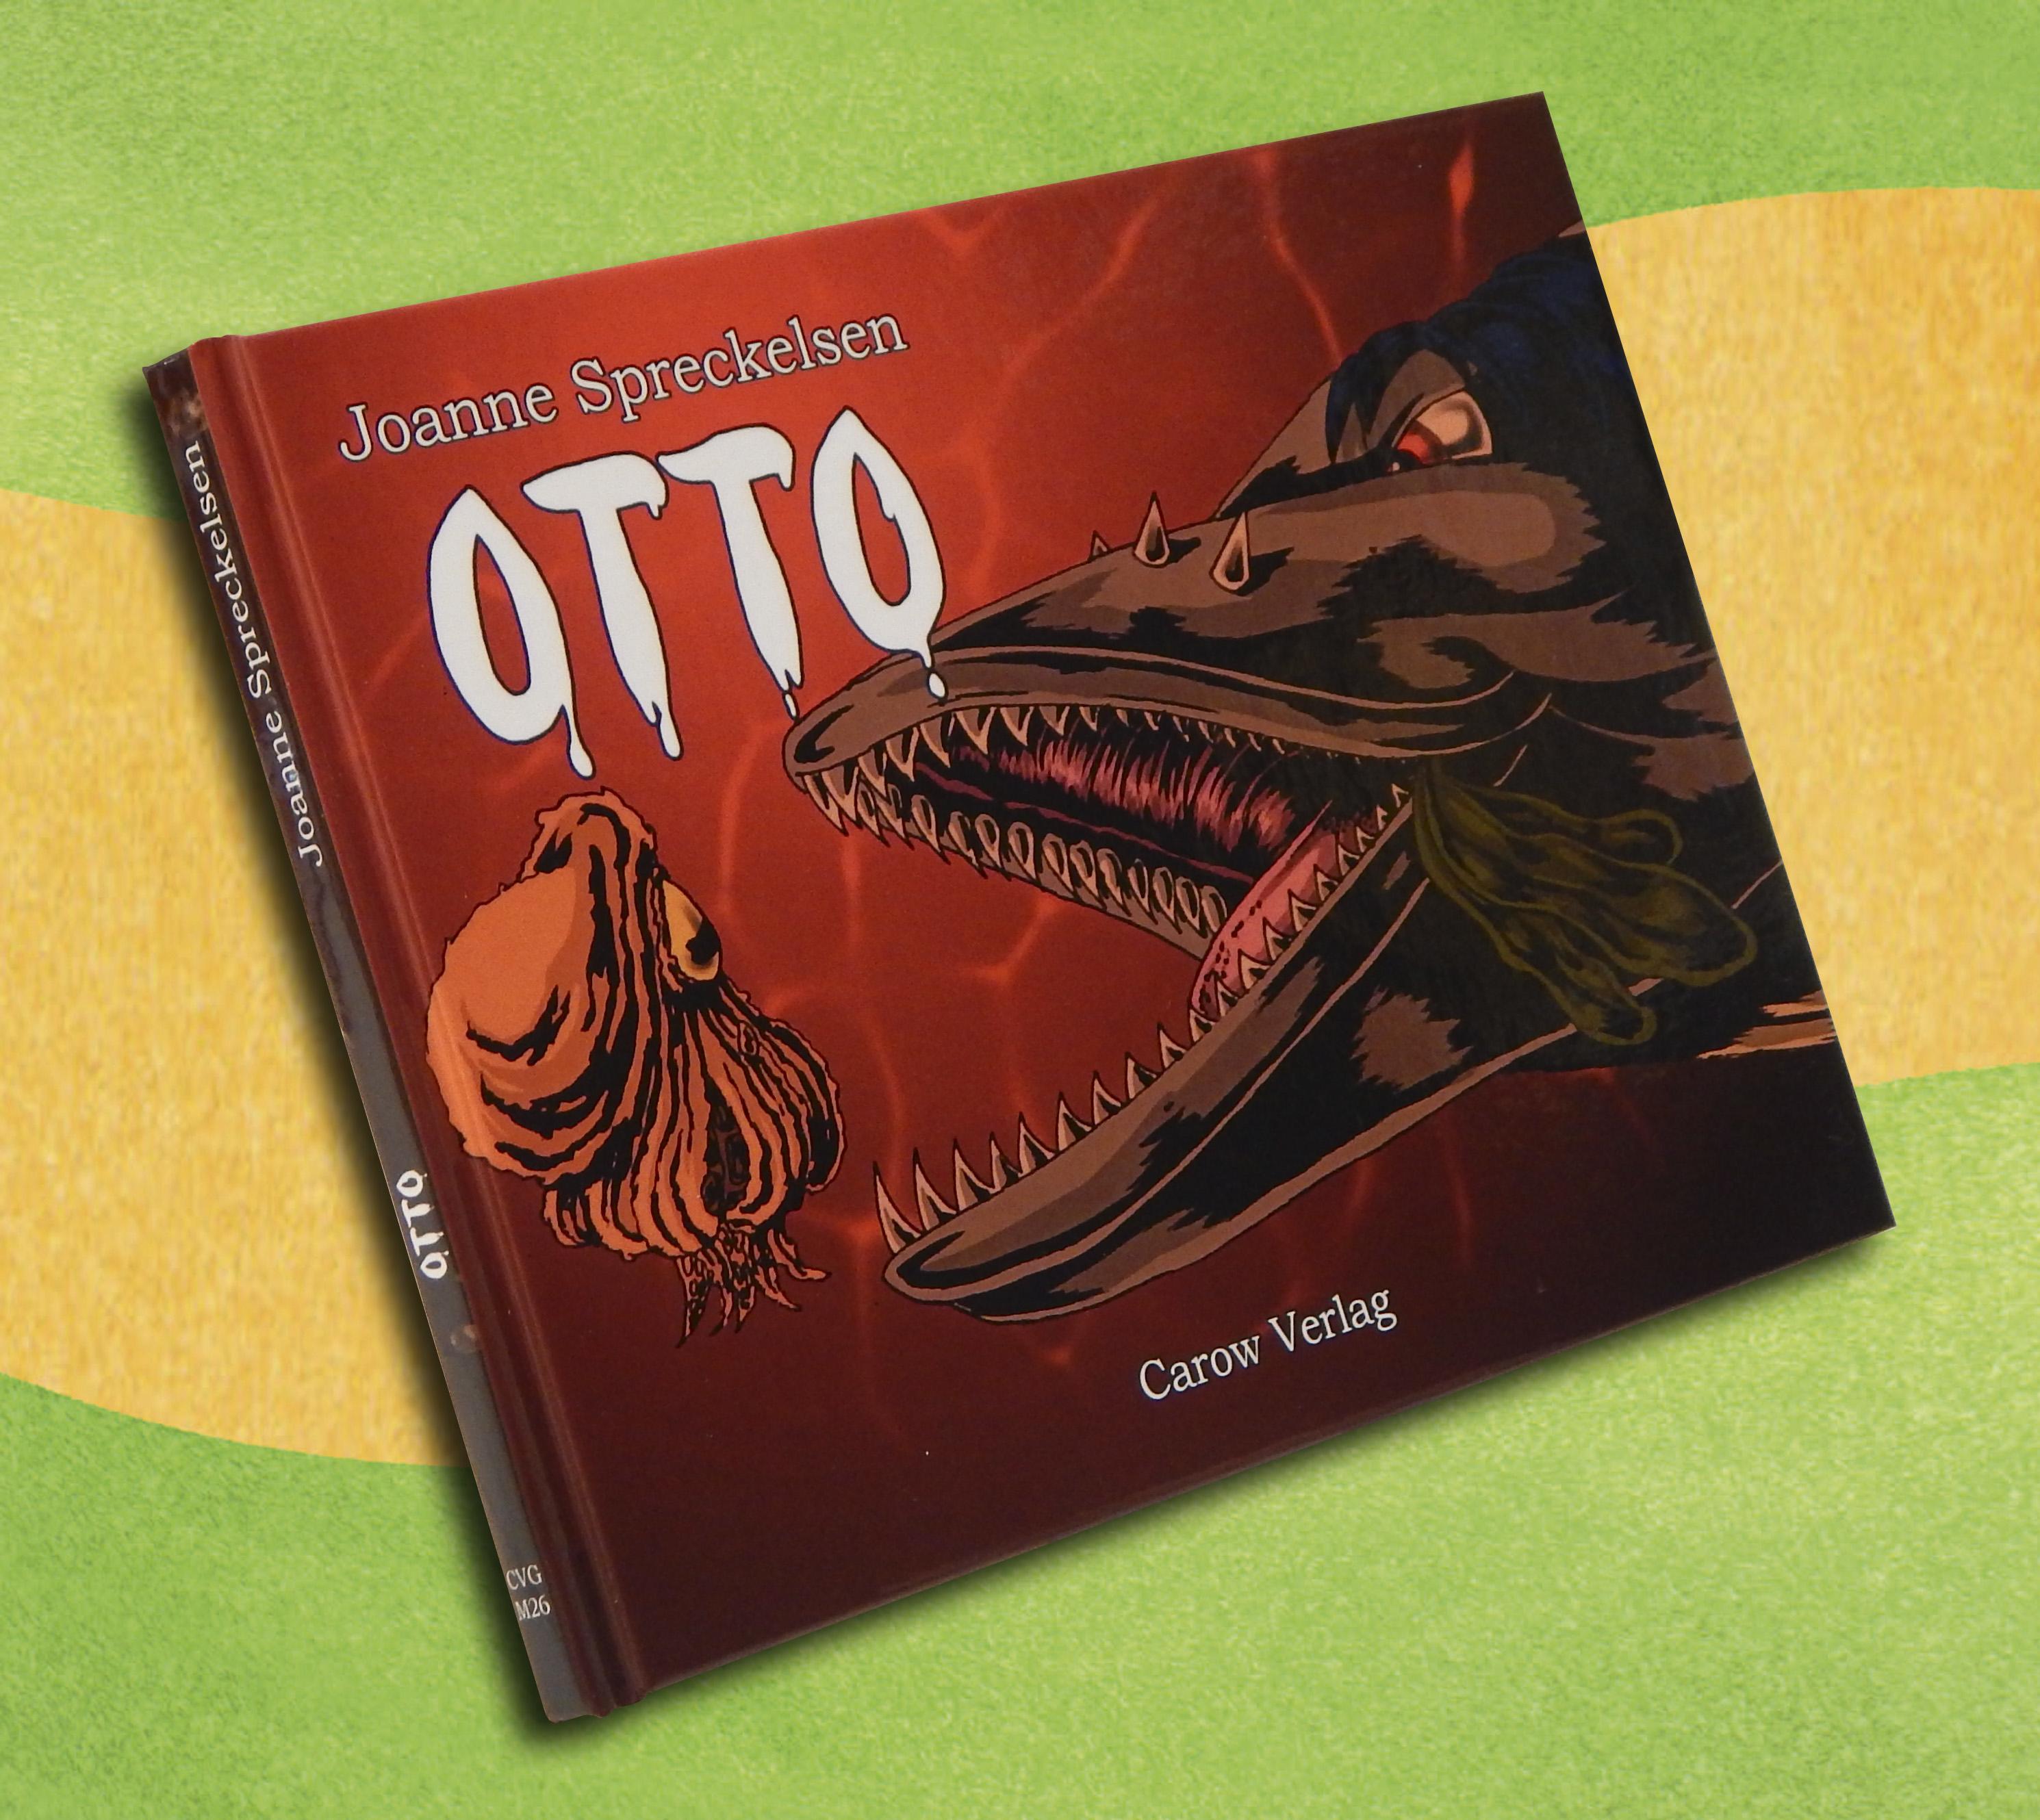 http://carow-verlag.de/news/images/Otto-Buch-RGB.jpg